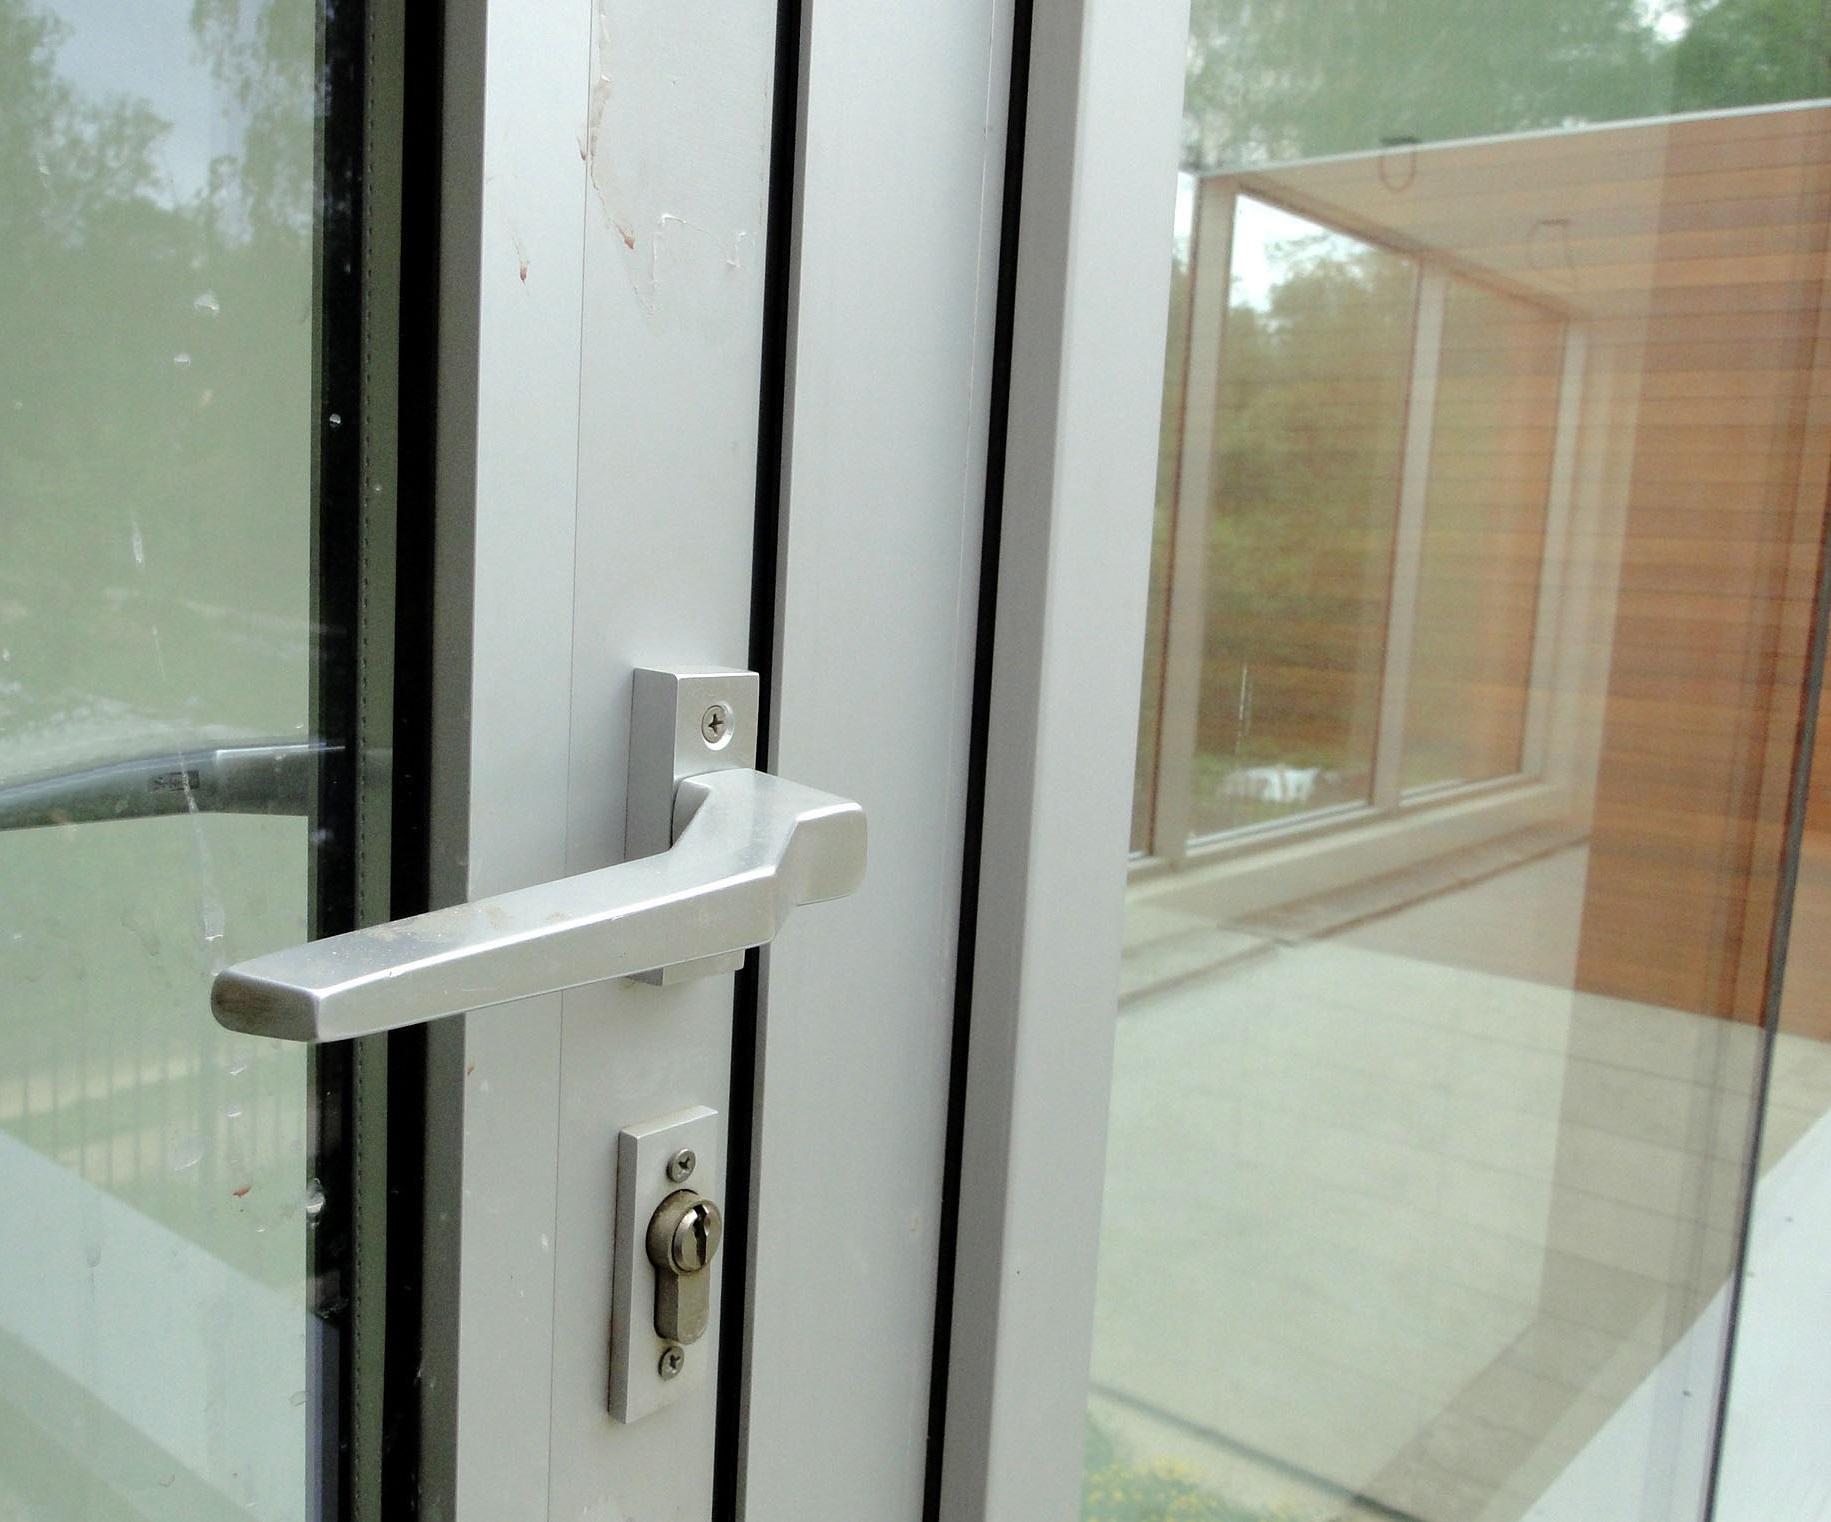 Внешний вид метталопластиковой двери сблизи